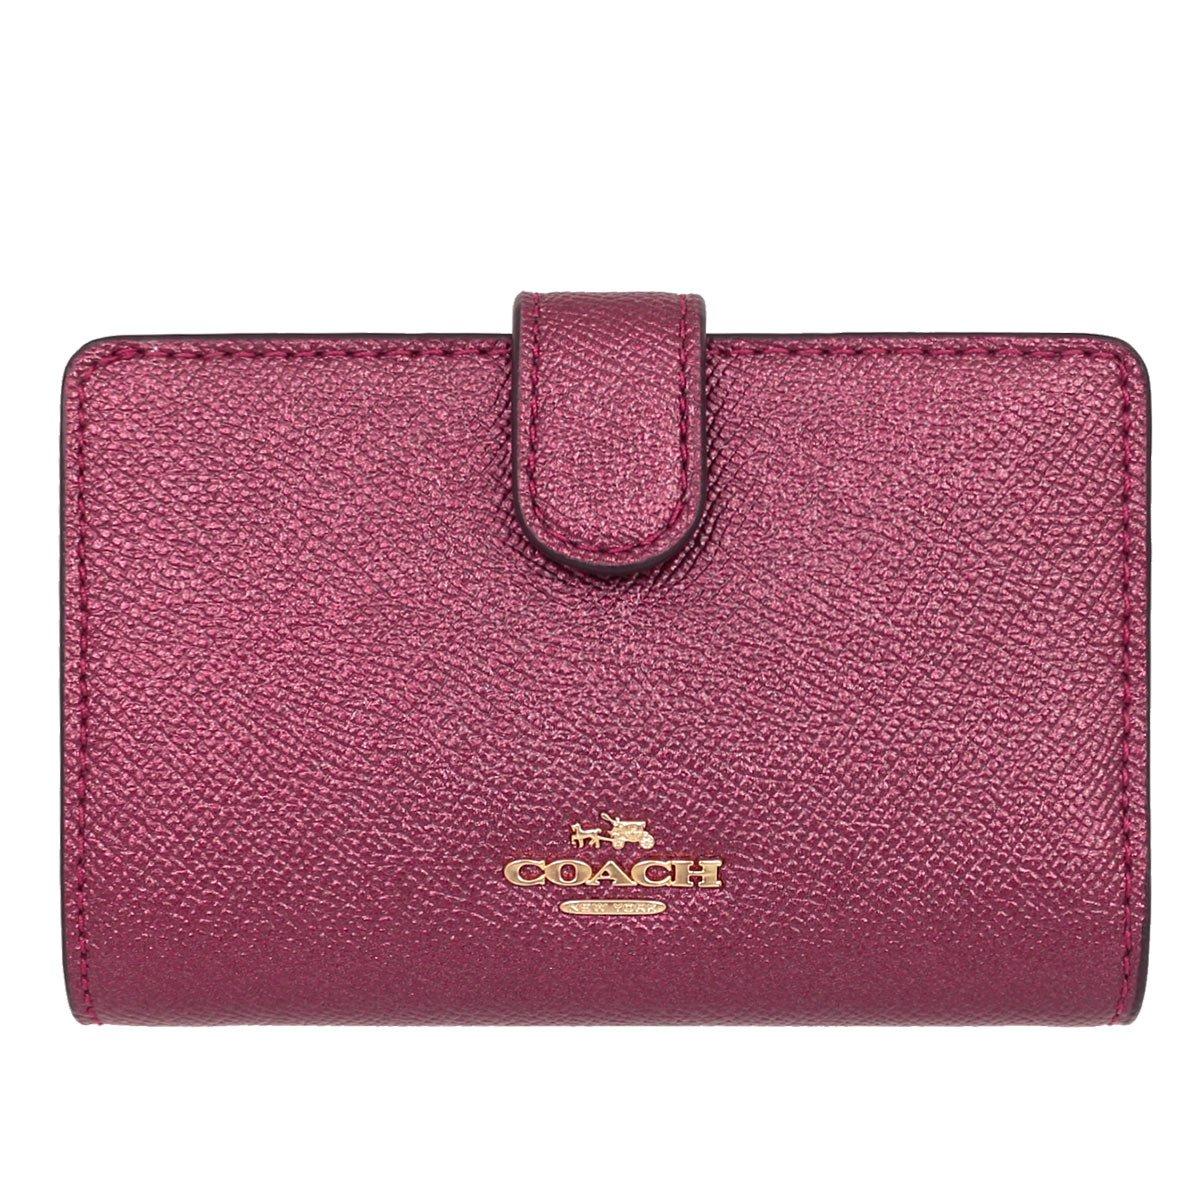 cf646c779997 Amazon | [コーチ] COACH 財布 (二つ折り財布) F23256 メタリックチェリー IME42 レザー 二つ折り財布 レディース  [アウトレット品] [並行輸入品] | 財布